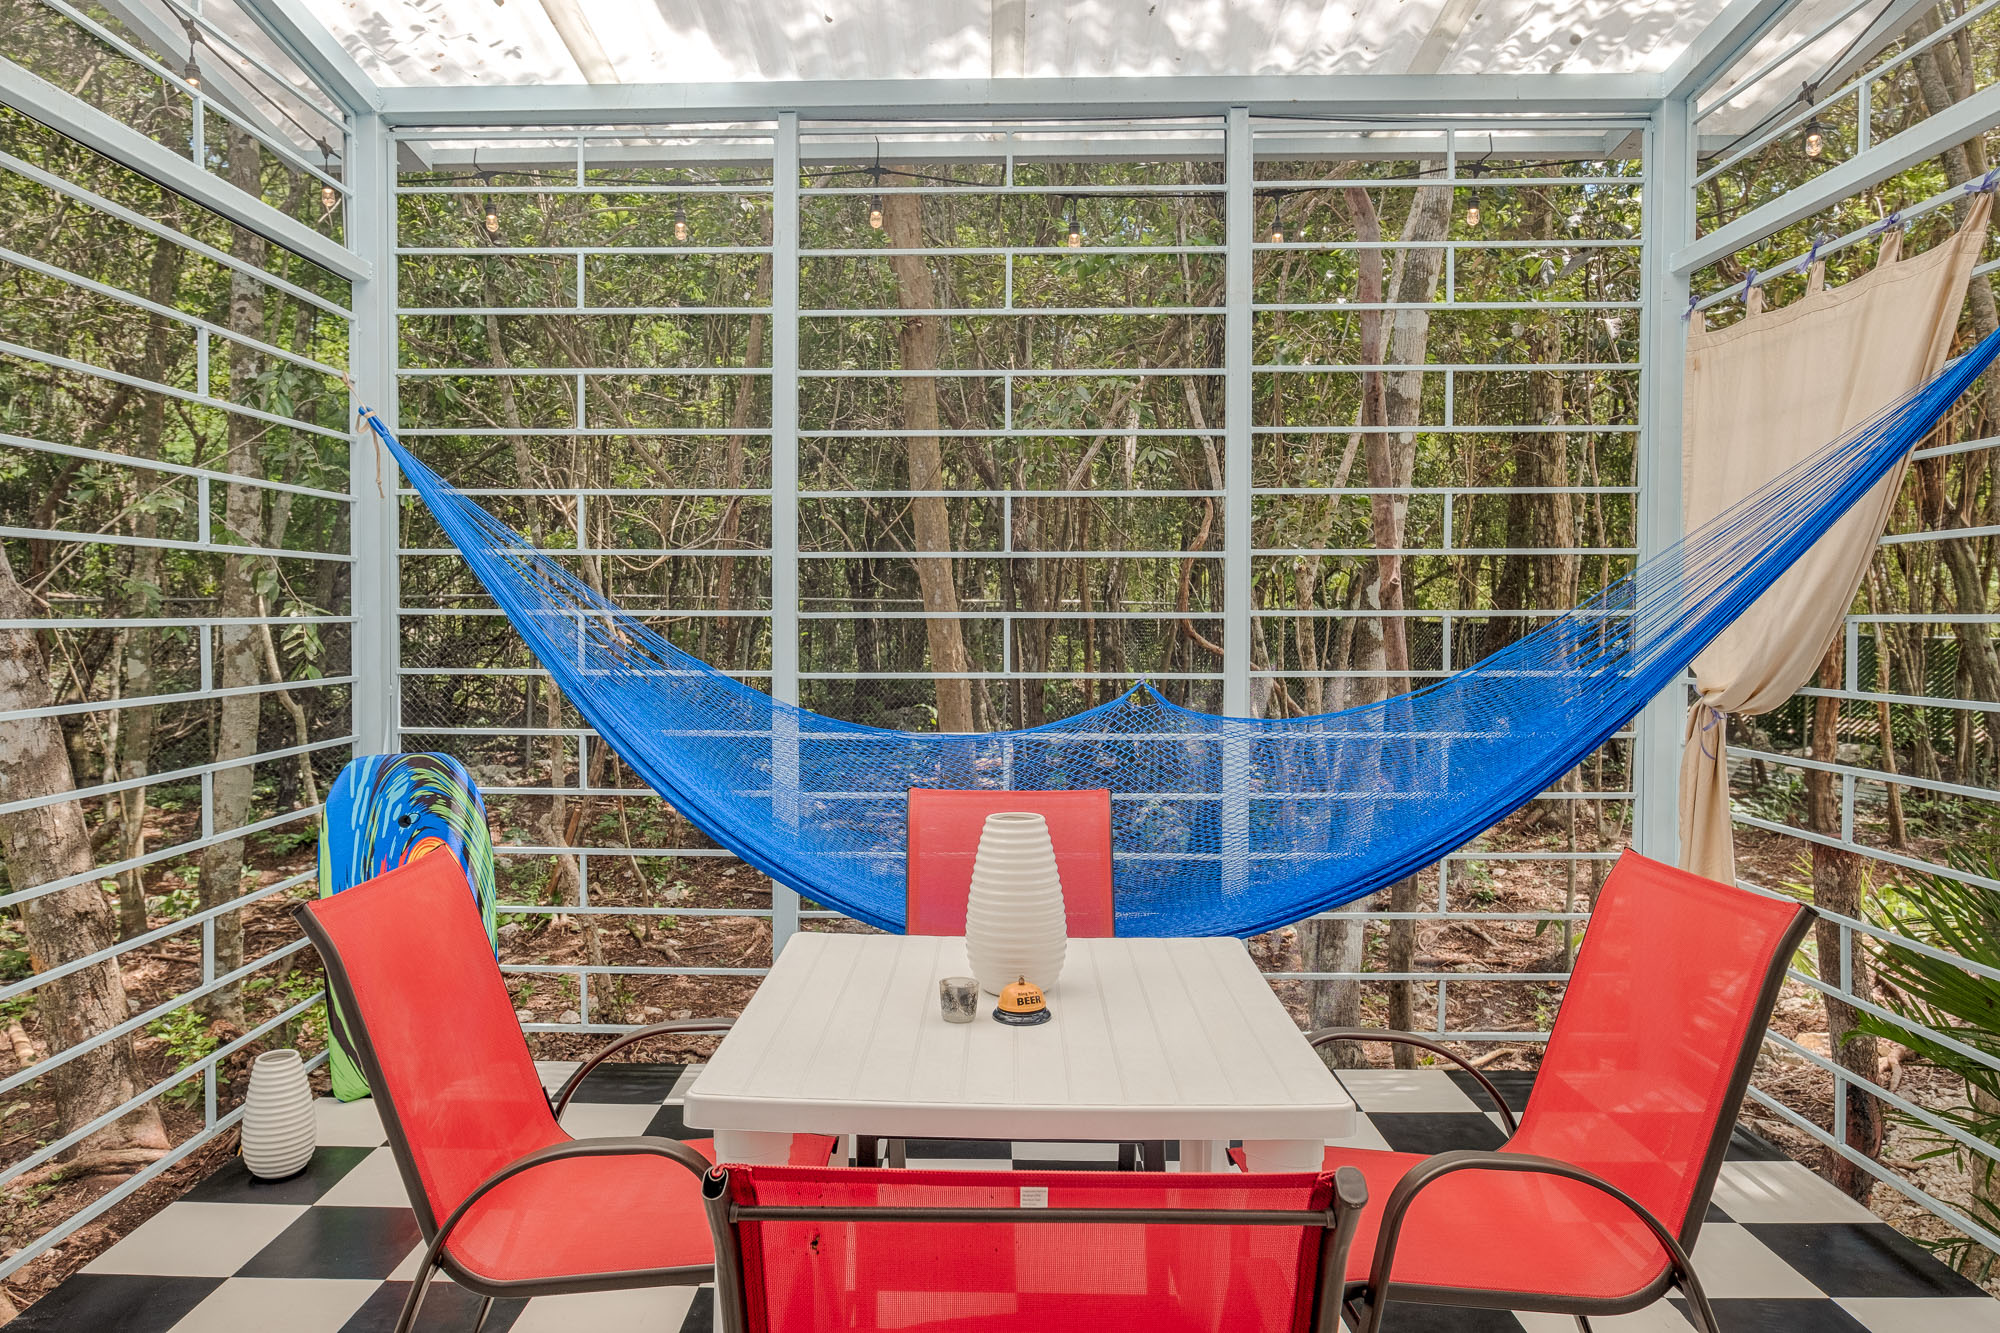 Birds chirping, butterflies dancing, you in the hammock relaxing